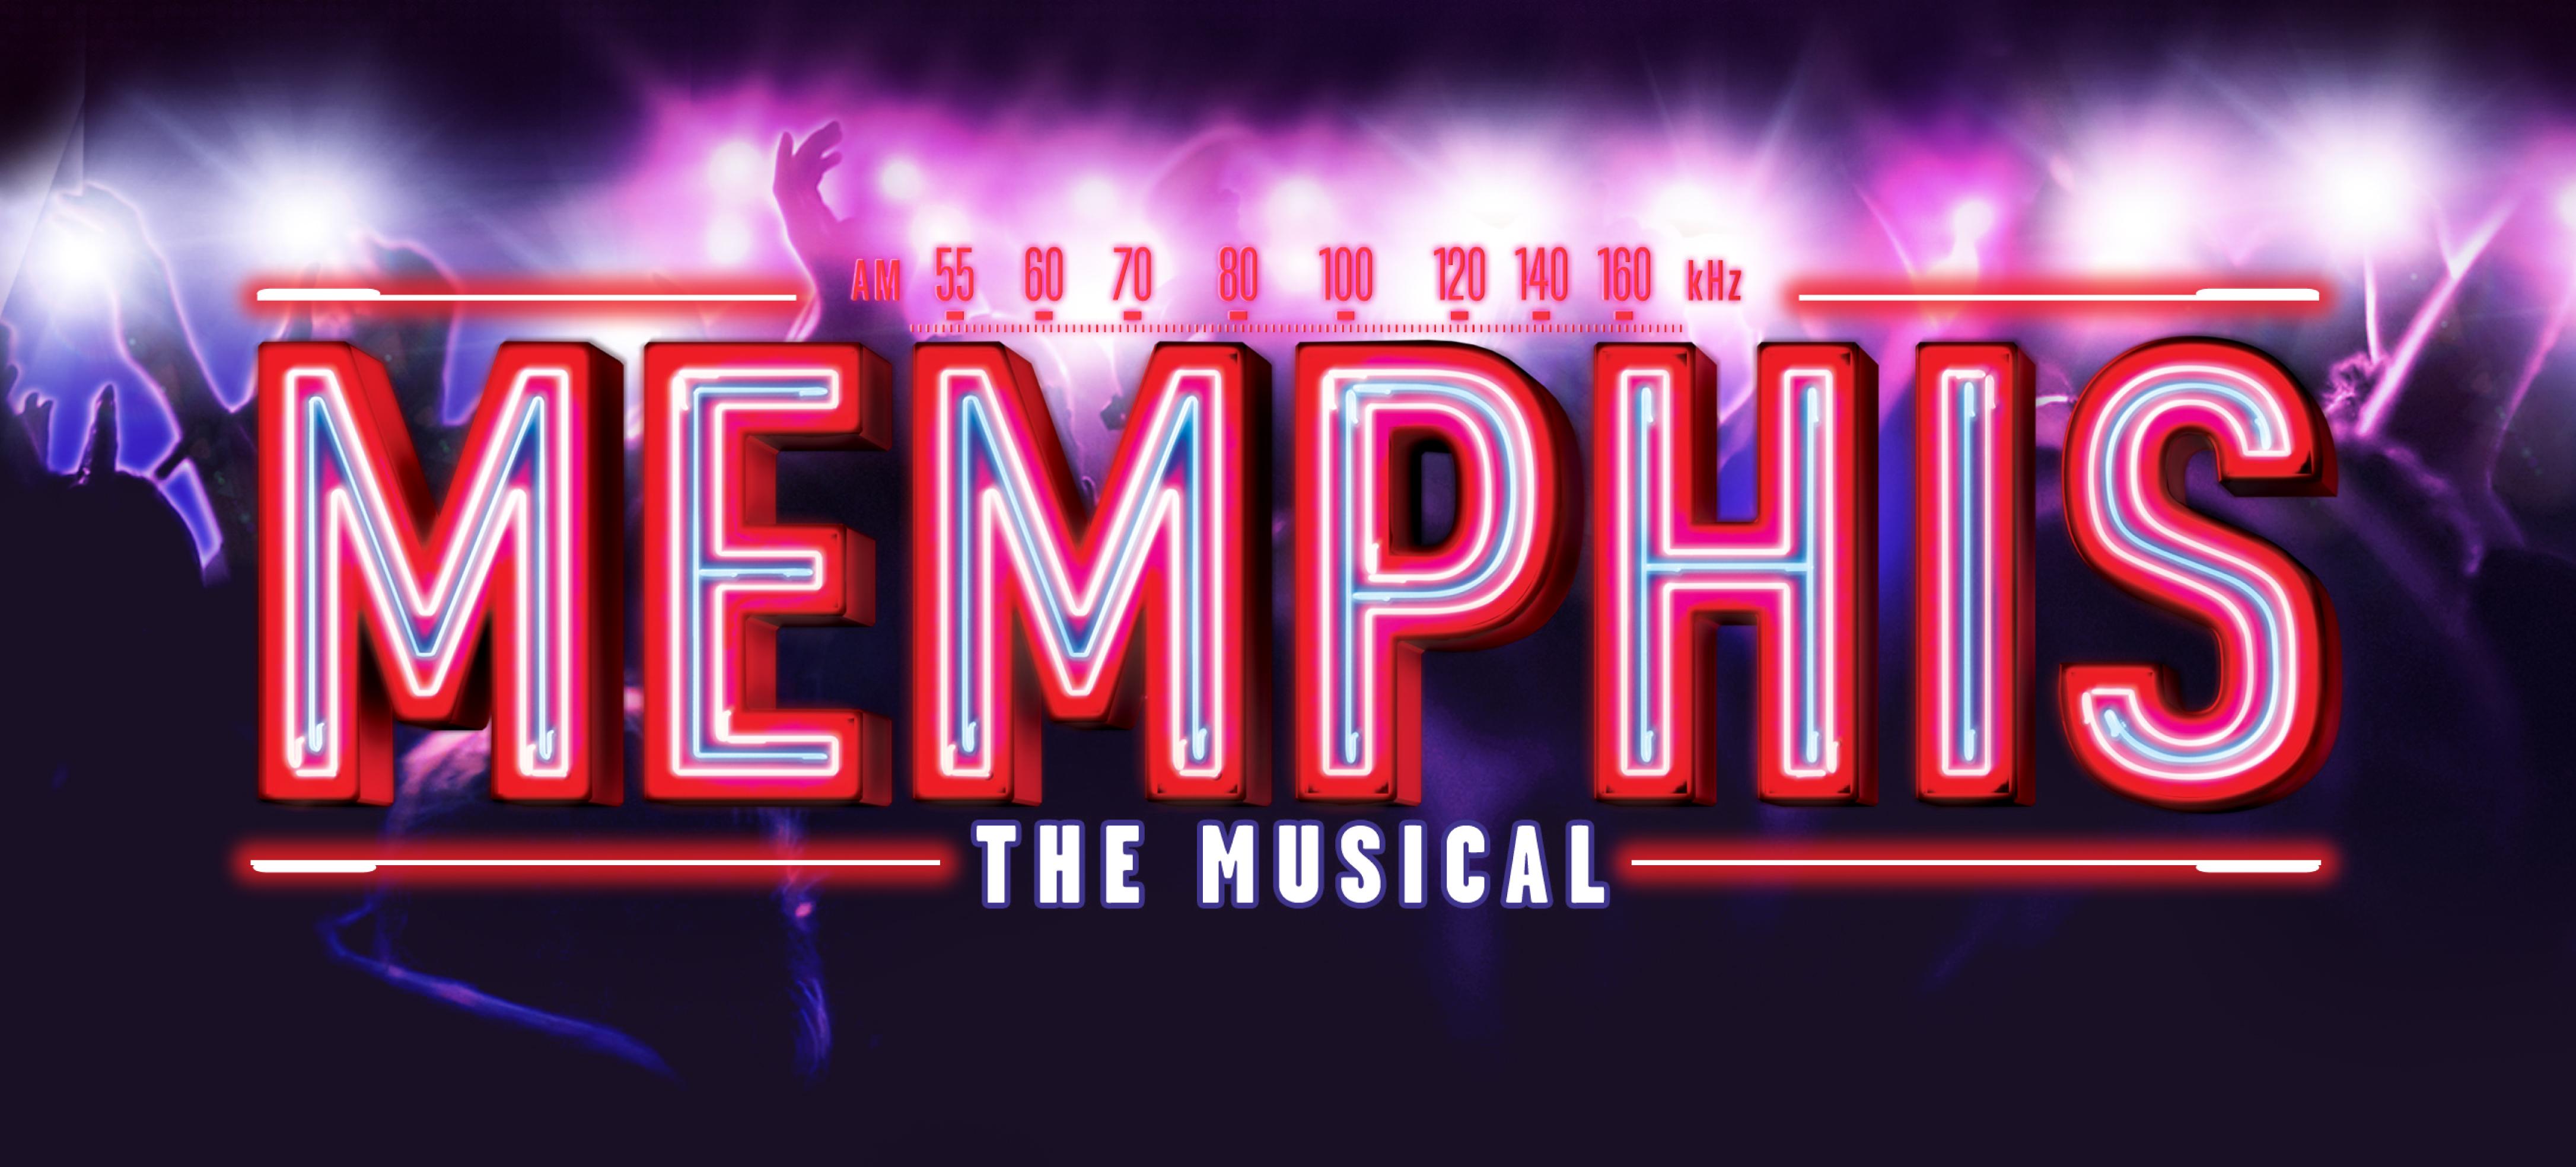 Memphis The Musical Tour Dates 2016 2017 Concert Images Amp Videos Tourlala Com